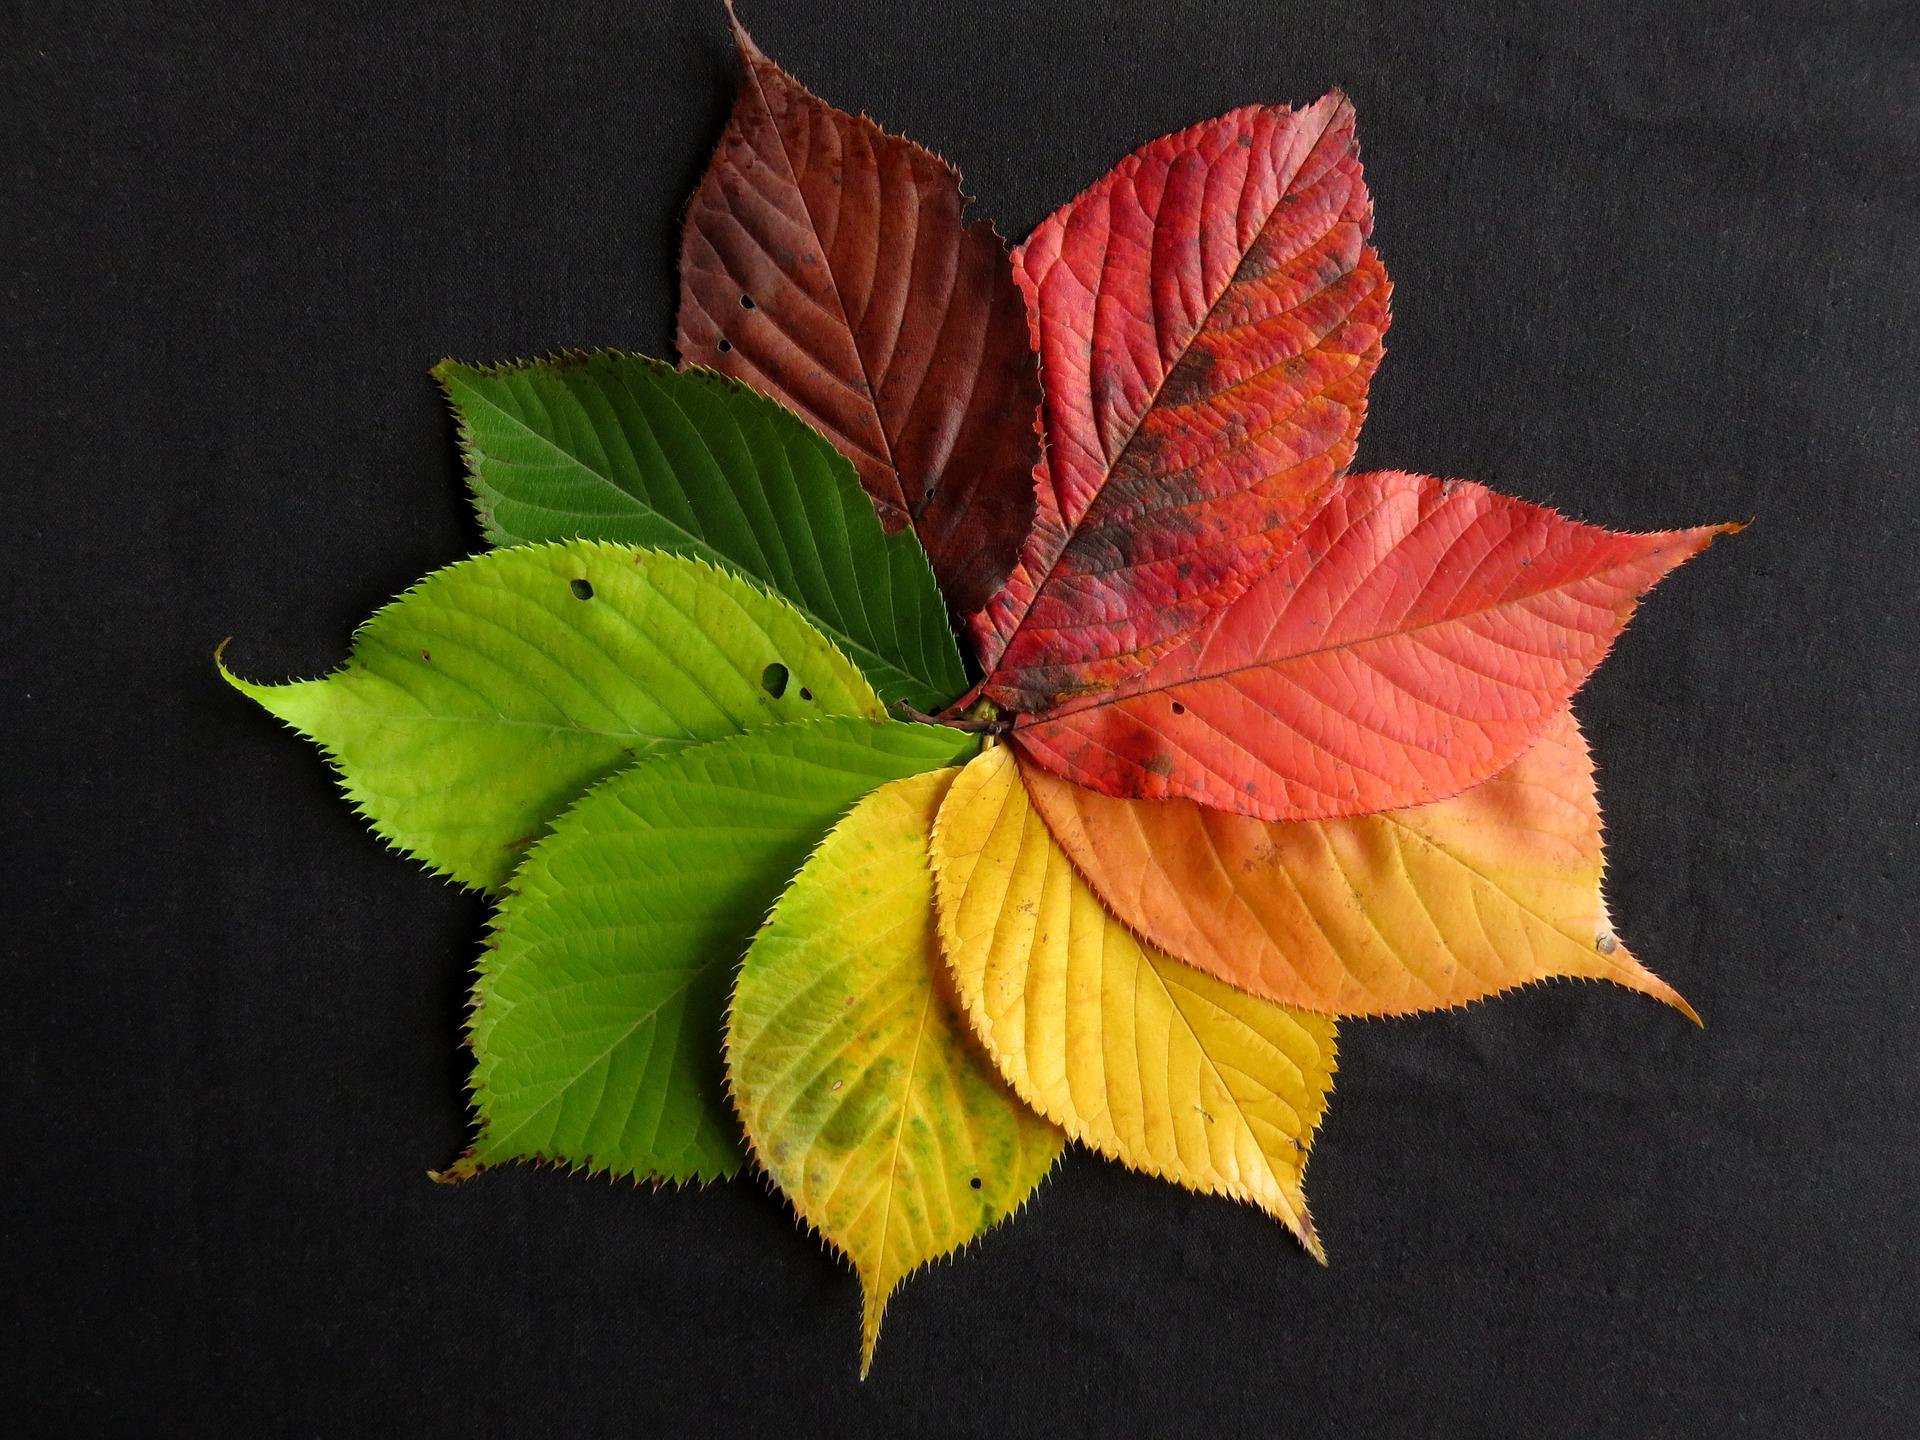 autumn-leaves-1486075_1920